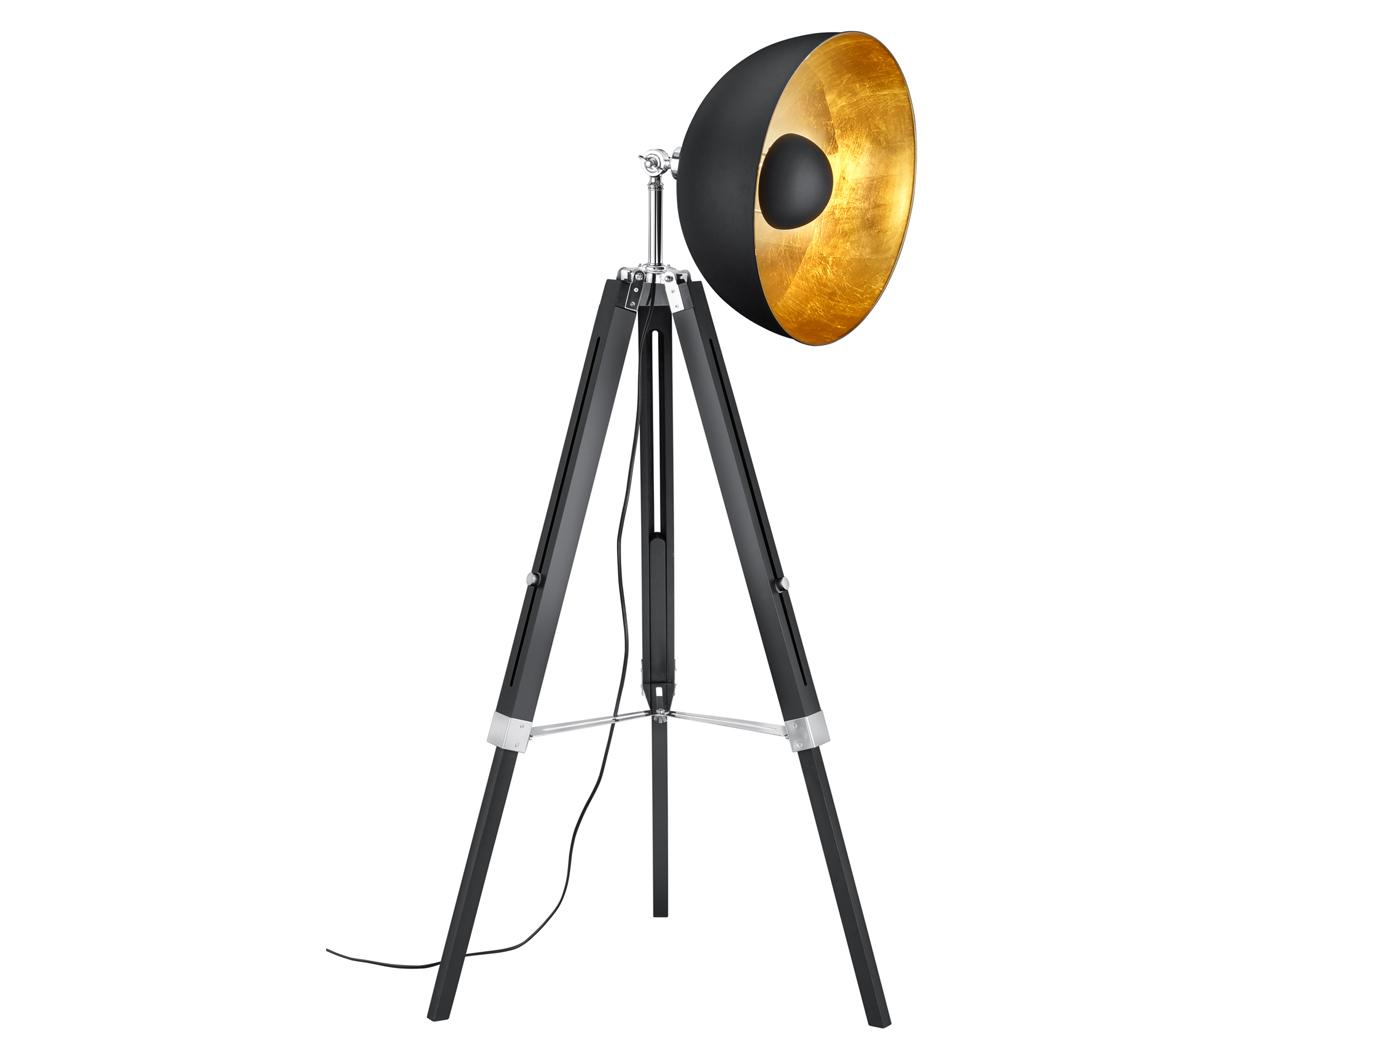 Retro Scheinwerfer Stehlampe Schwarz Gold Mit Led Dreibein